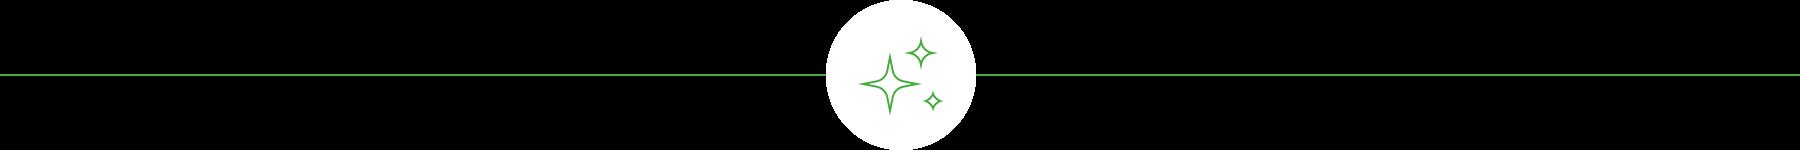 divider_sparkle.png